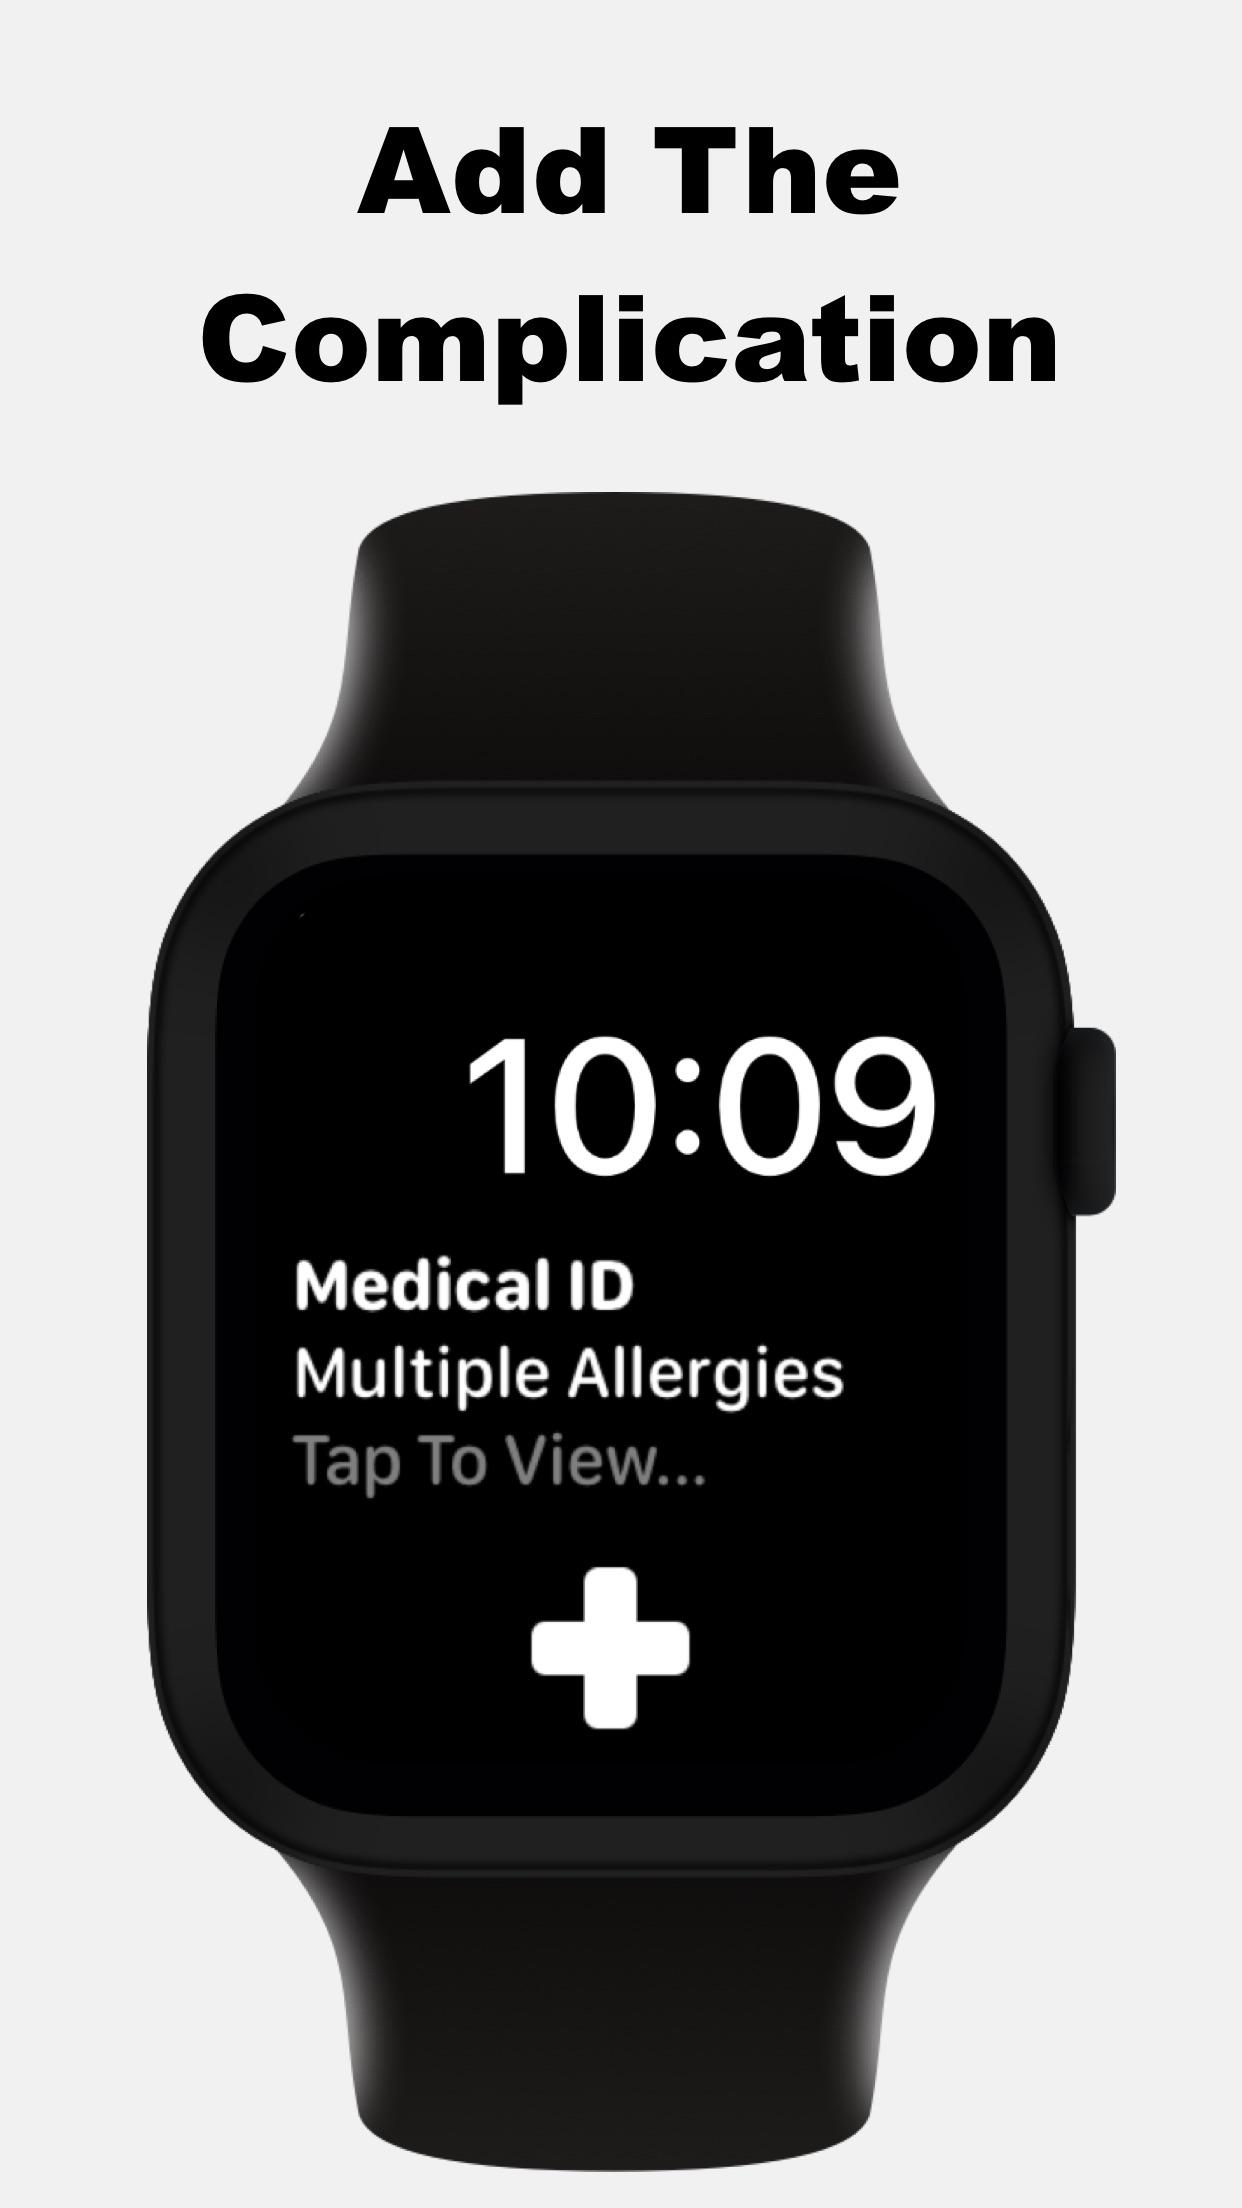 MediWear: Watch Medical ID Screenshot